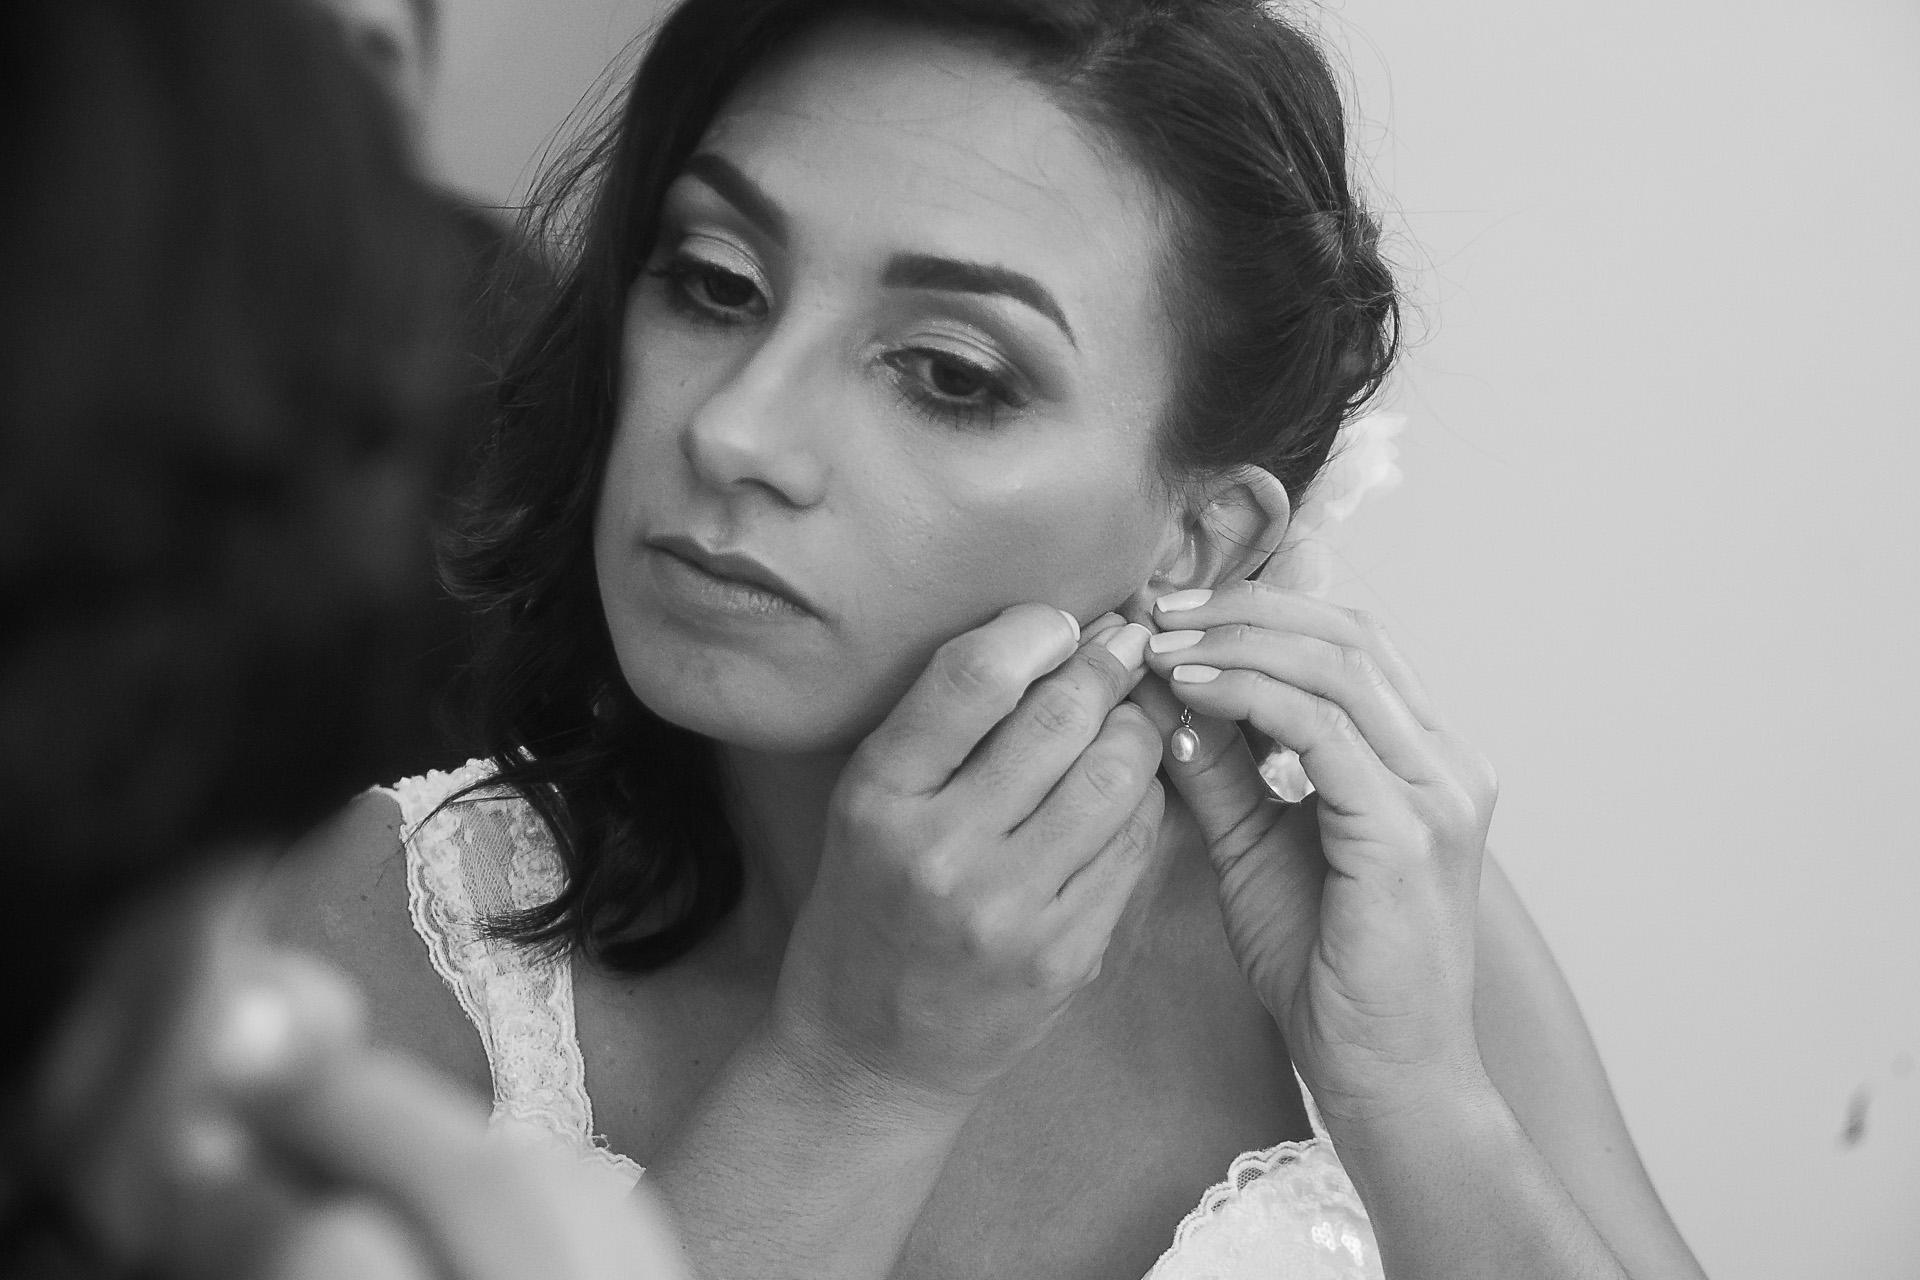 fotografo de casamento-19